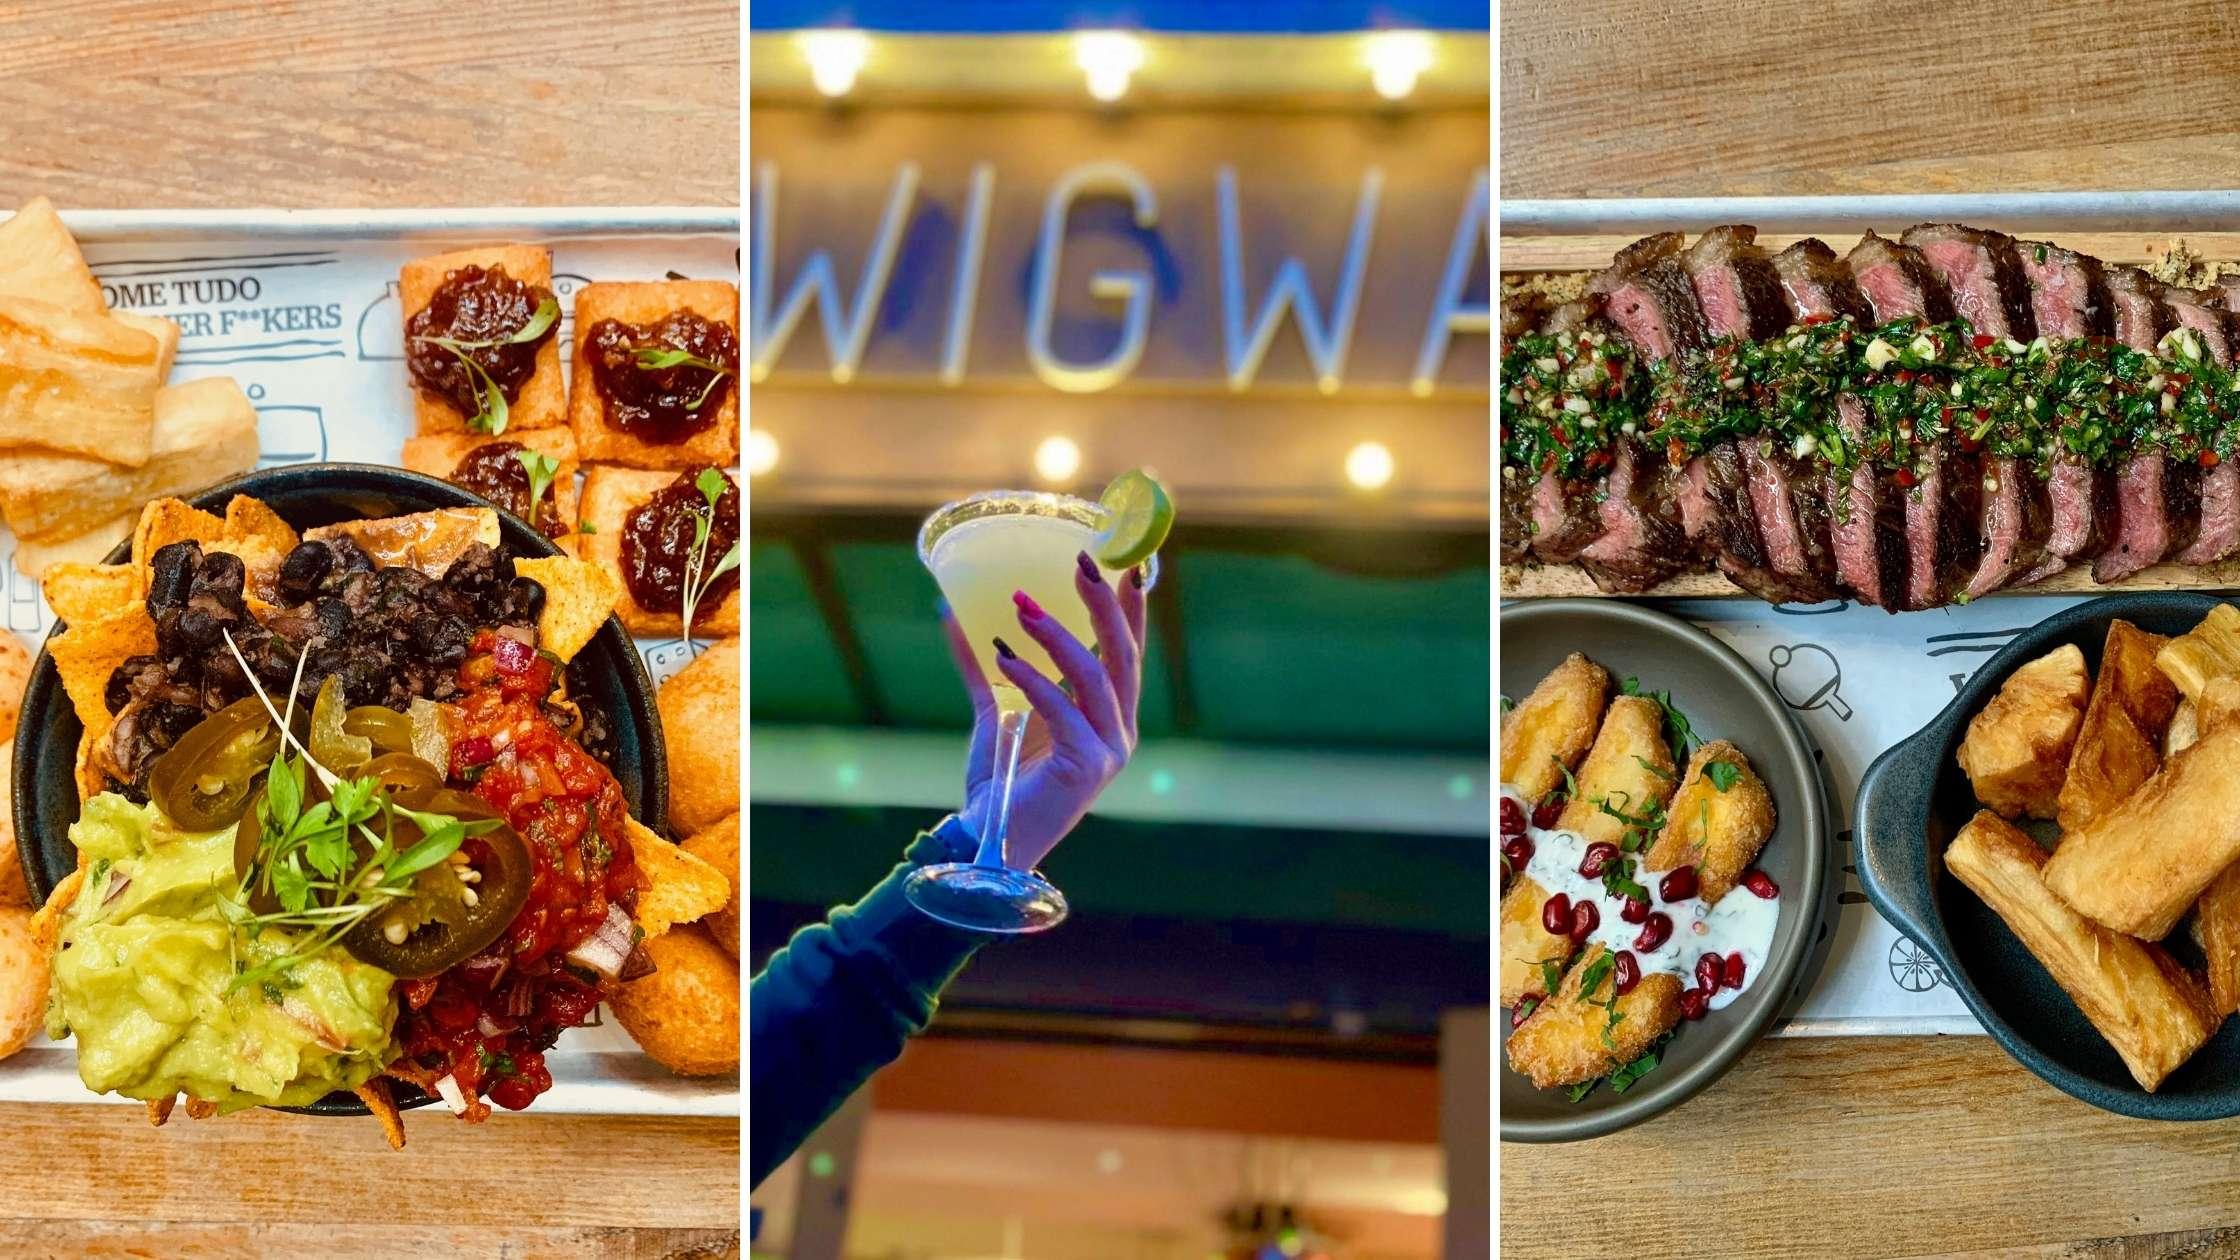 Wigwam Food & Drink